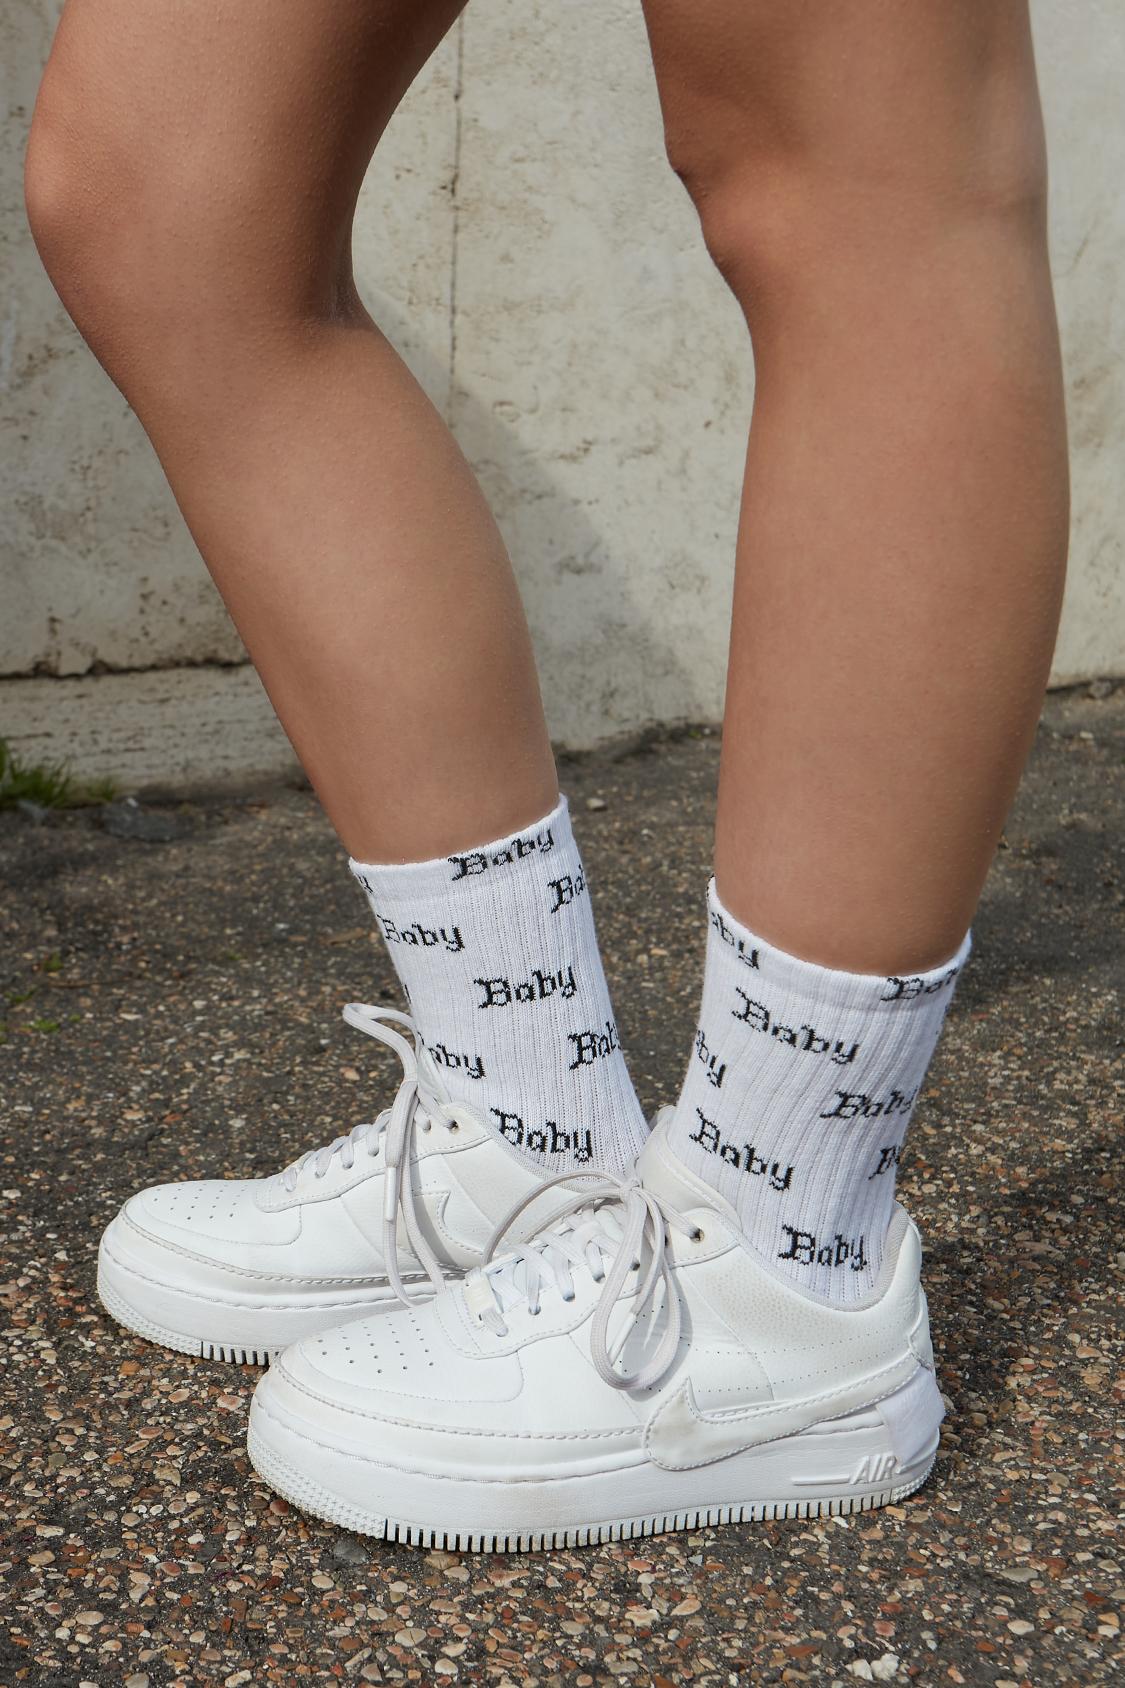 Baby printed socks